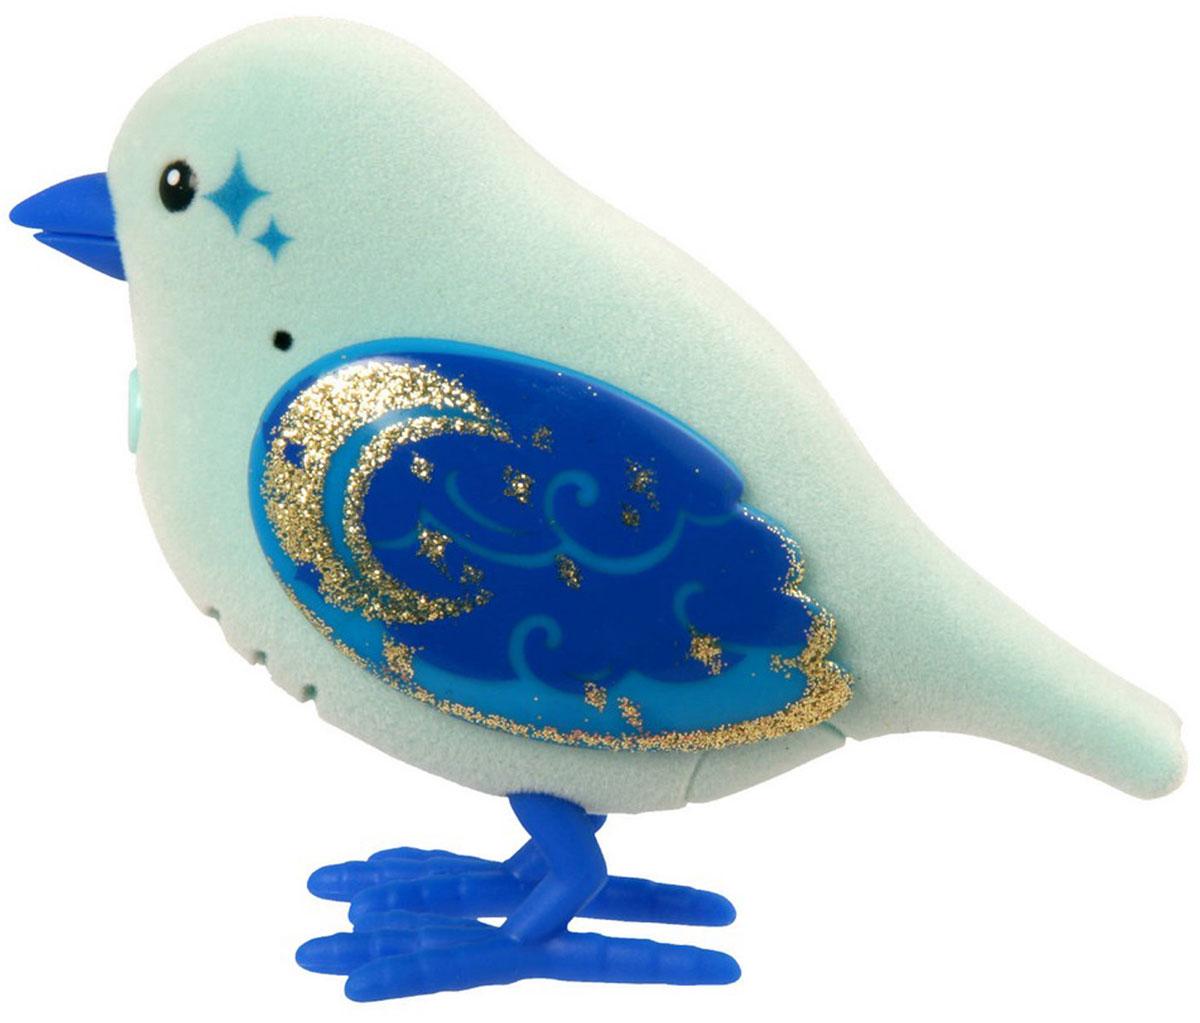 Moose Интерактивная игрушка Говорящая птичка Molly Moonbeam28225/ast28222 (28224, 28225, 28226, 28227, 28228, 28229)Интерактивная игрушка Moose Говорящая птичка Molly Moonbeam - это замечательный друг для того, кто всегда мечтал завести у себя дома пернатую. Яркая птичка выполнена из высококачественных материалов и имеет приятное на ощупь флоковое покрытие. Ее крылья переливаются и блестят на солнце. На спинке у птички сенсорный датчик. Если ее погладить по голове, она споет для вас. Molly щебечет и тихо поет, чтобы на нее обратили внимание, но через полчаса в одиночестве она засыпает. Чтобы разбудить питомца, нужно нажать на кнопку на груди. Кроме того, Molly Moonbeam не только щебечет и напевает, но еще и умеет запоминать и воспроизводить фразы, которые она слышит. Ваш ребенок будет в восторге от такого подарка! Необходимо докупить 2 батарейки напряжением 1,5V типа ААА (не входят в комплект).